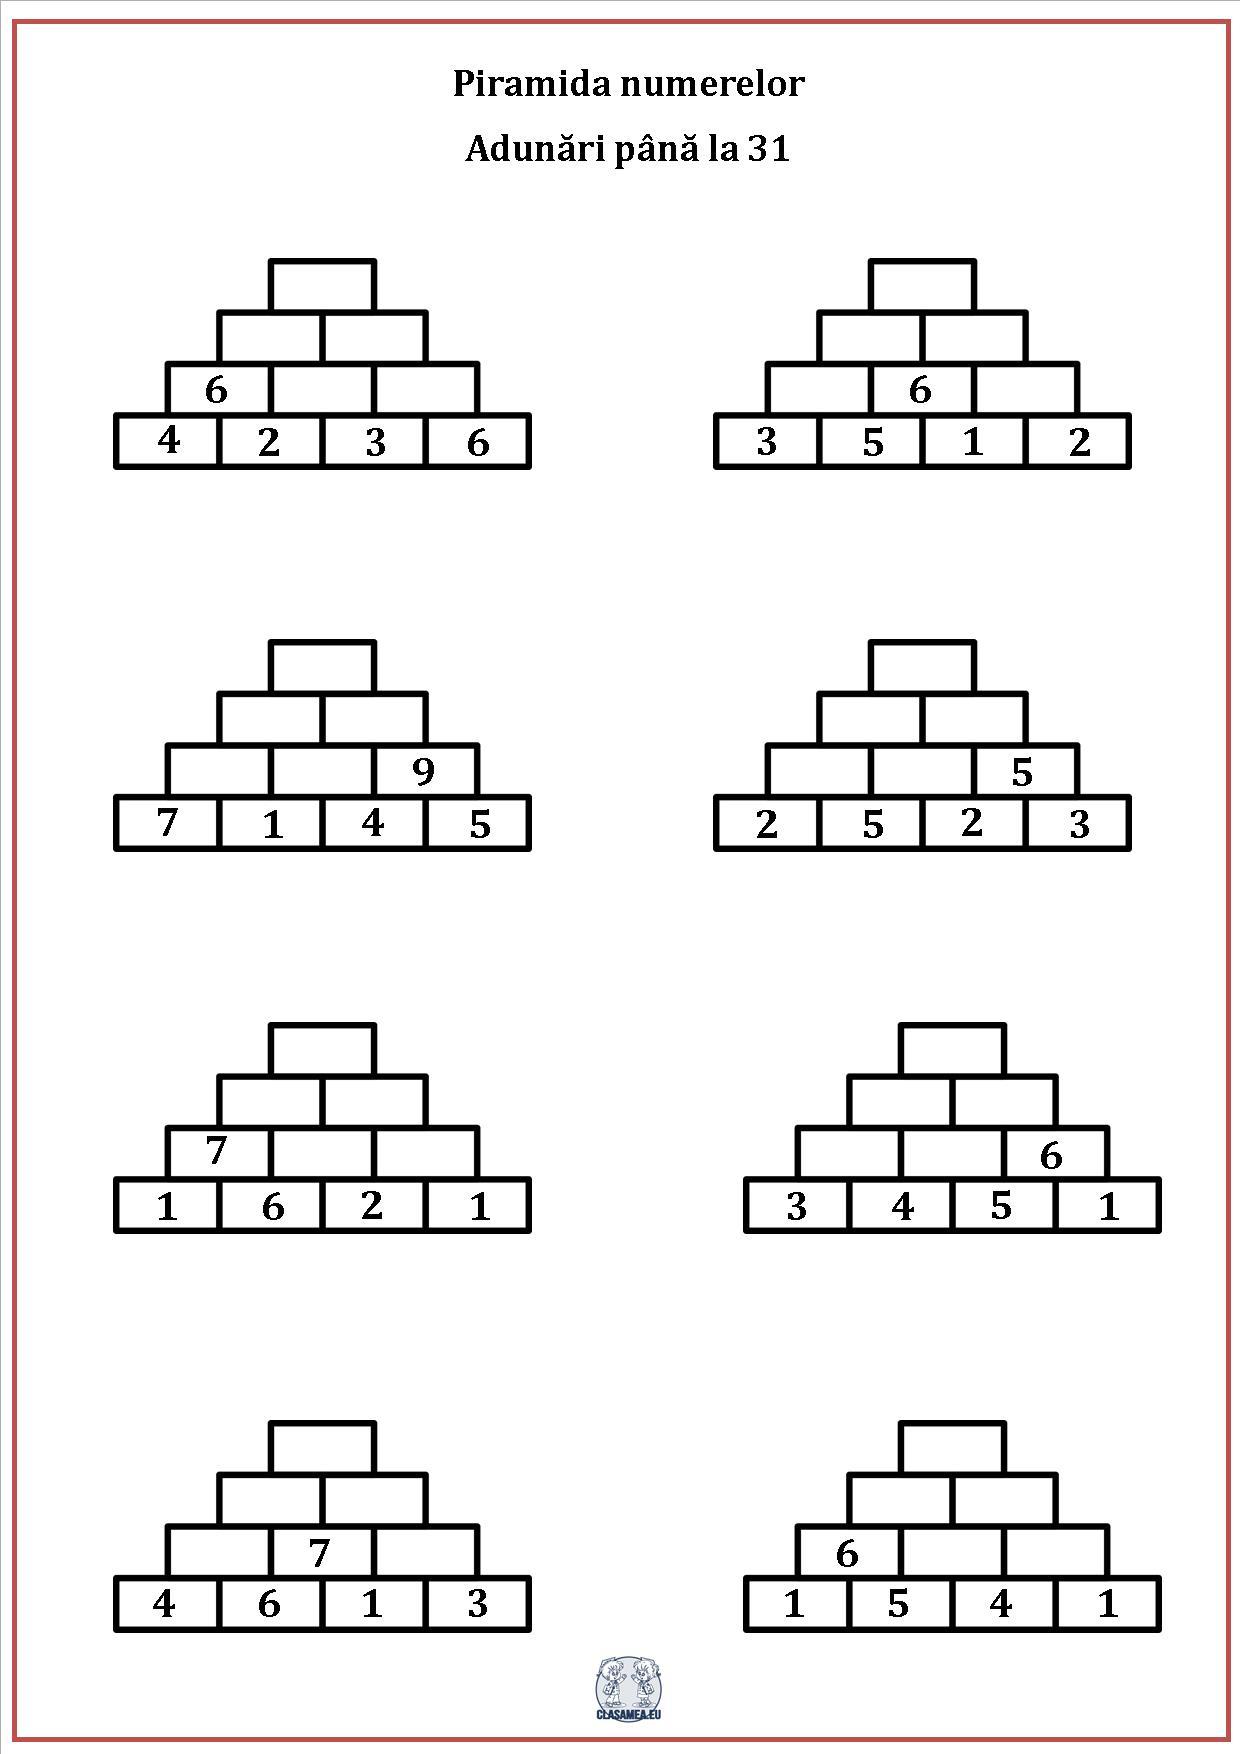 Piramida numerelor - Adunarea numerelor până la 31